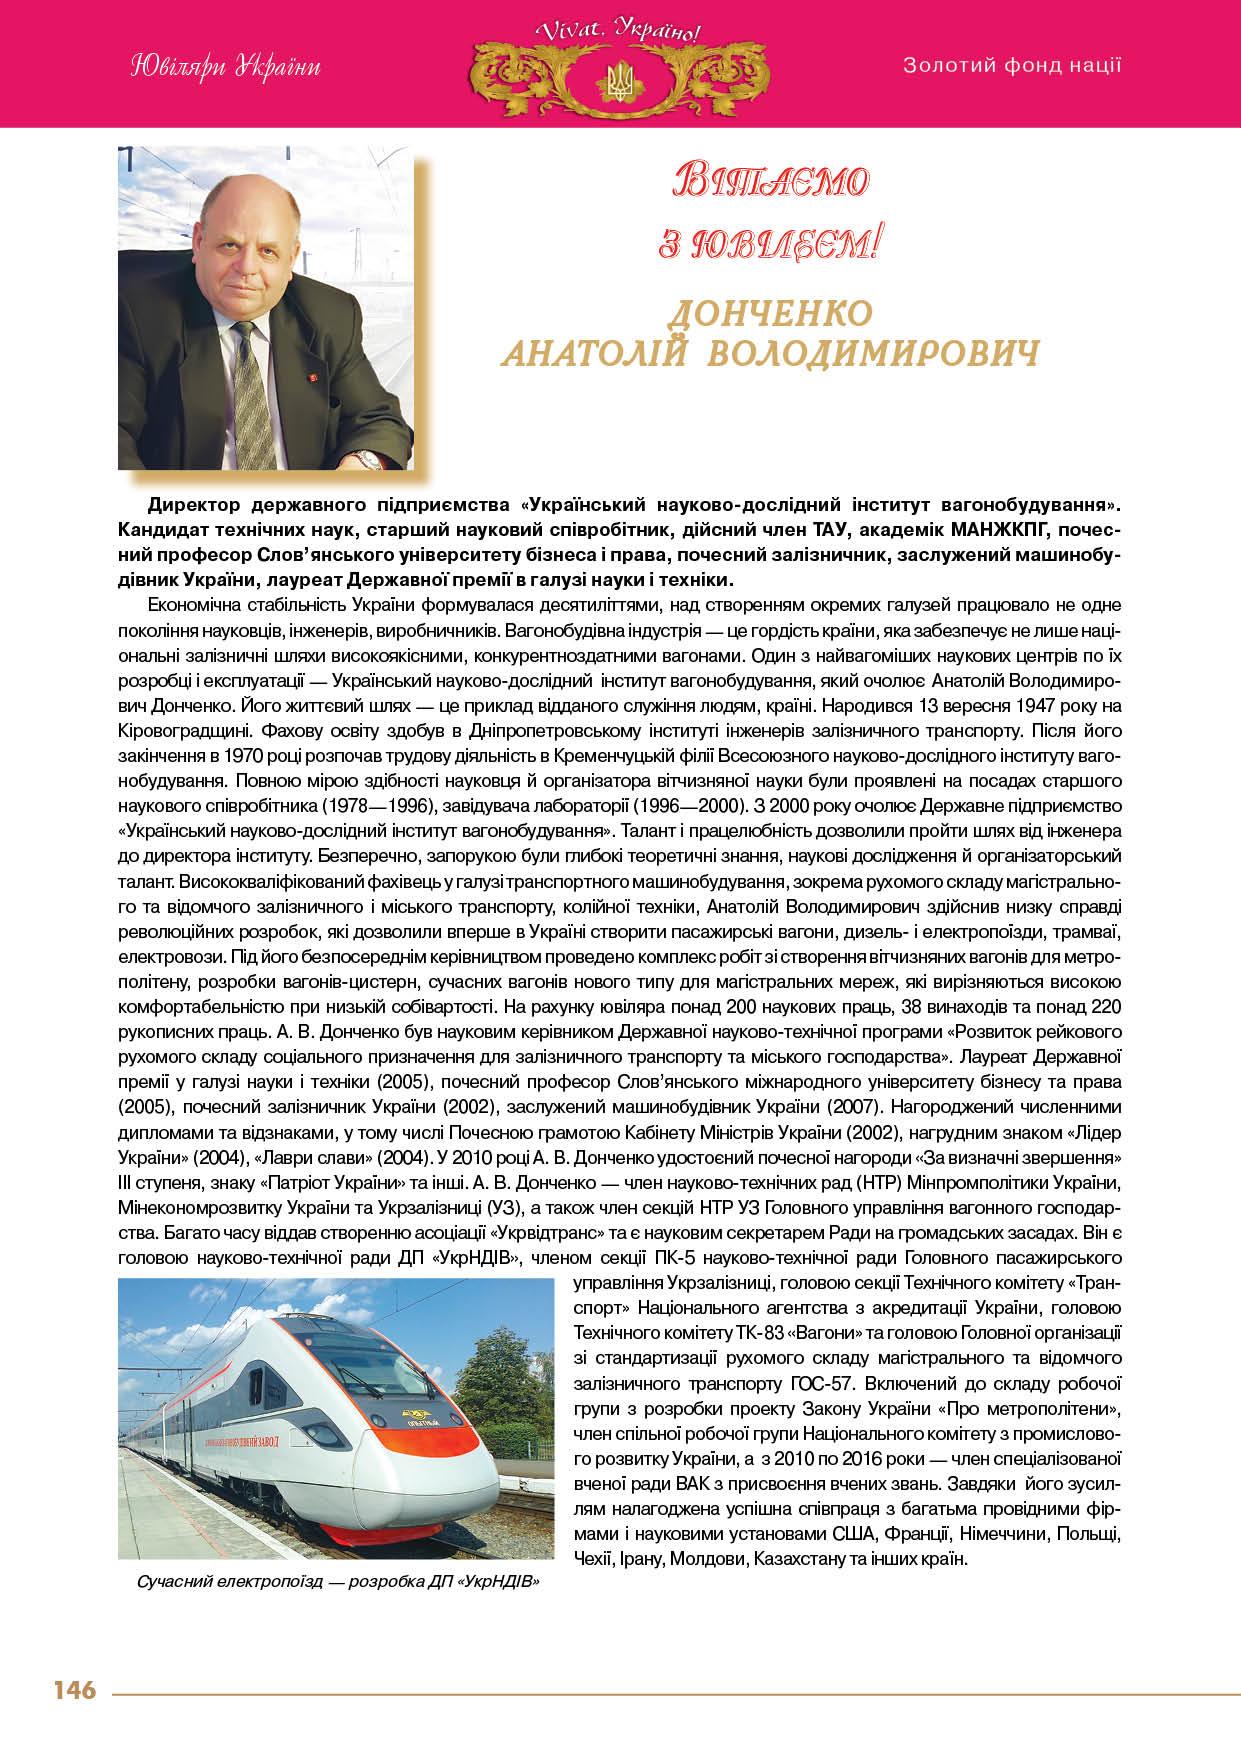 Донченко Анатолій Володимирович